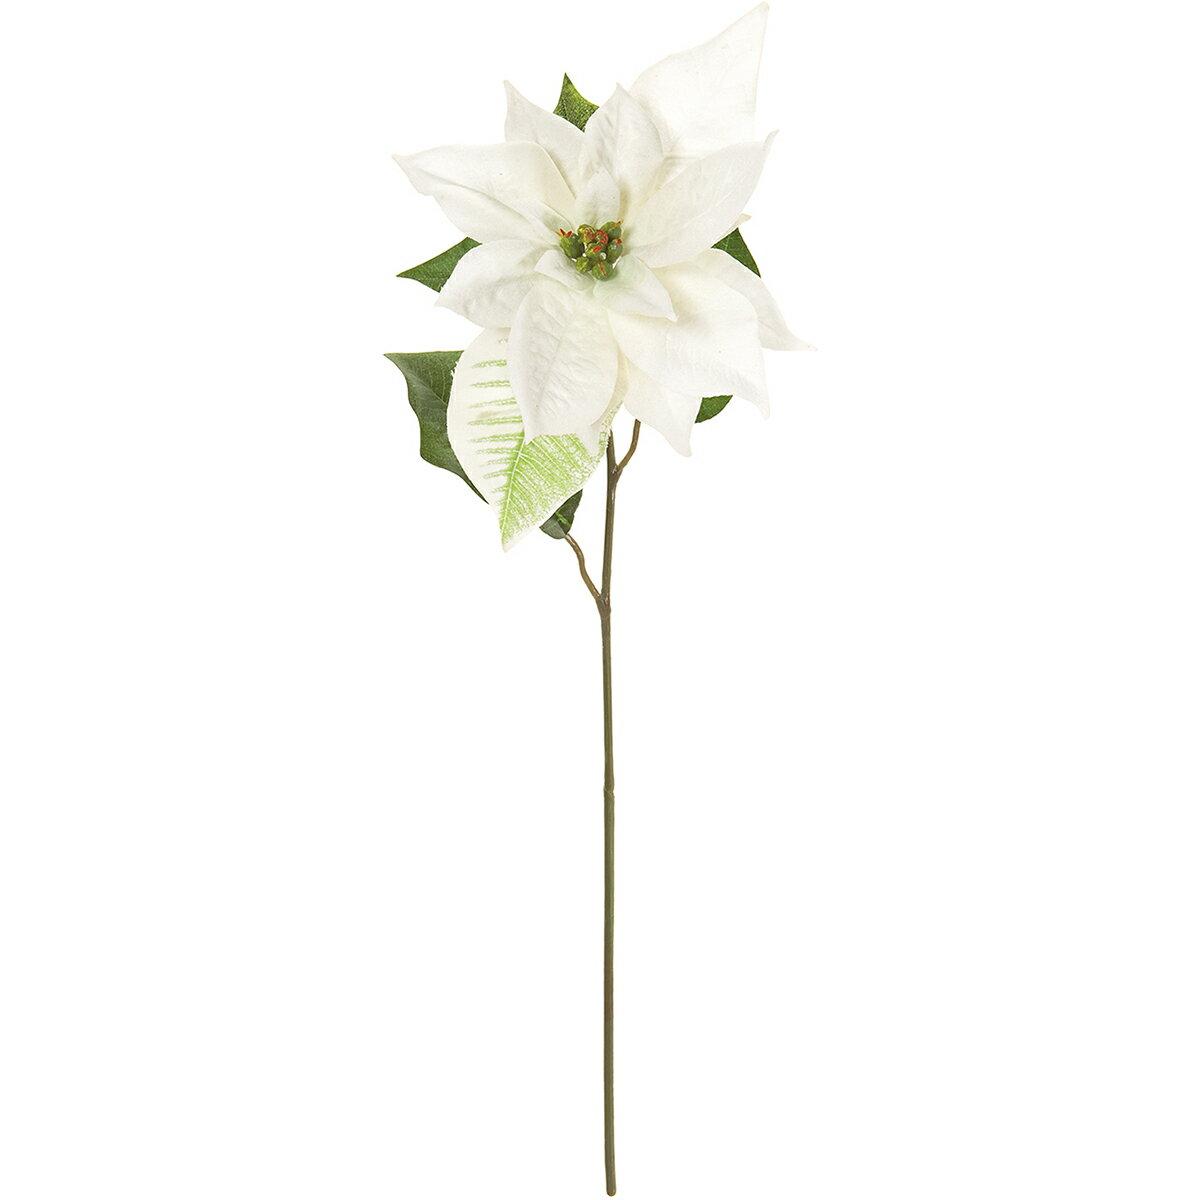 【造花】MAGIQ(東京堂)/ボヌールポインセチア #1 ホワイト/FX002786-001【01】【取寄】《 造花(アーティフィシャルフラワー) 造花 花材「は行」 ポインセチア 》